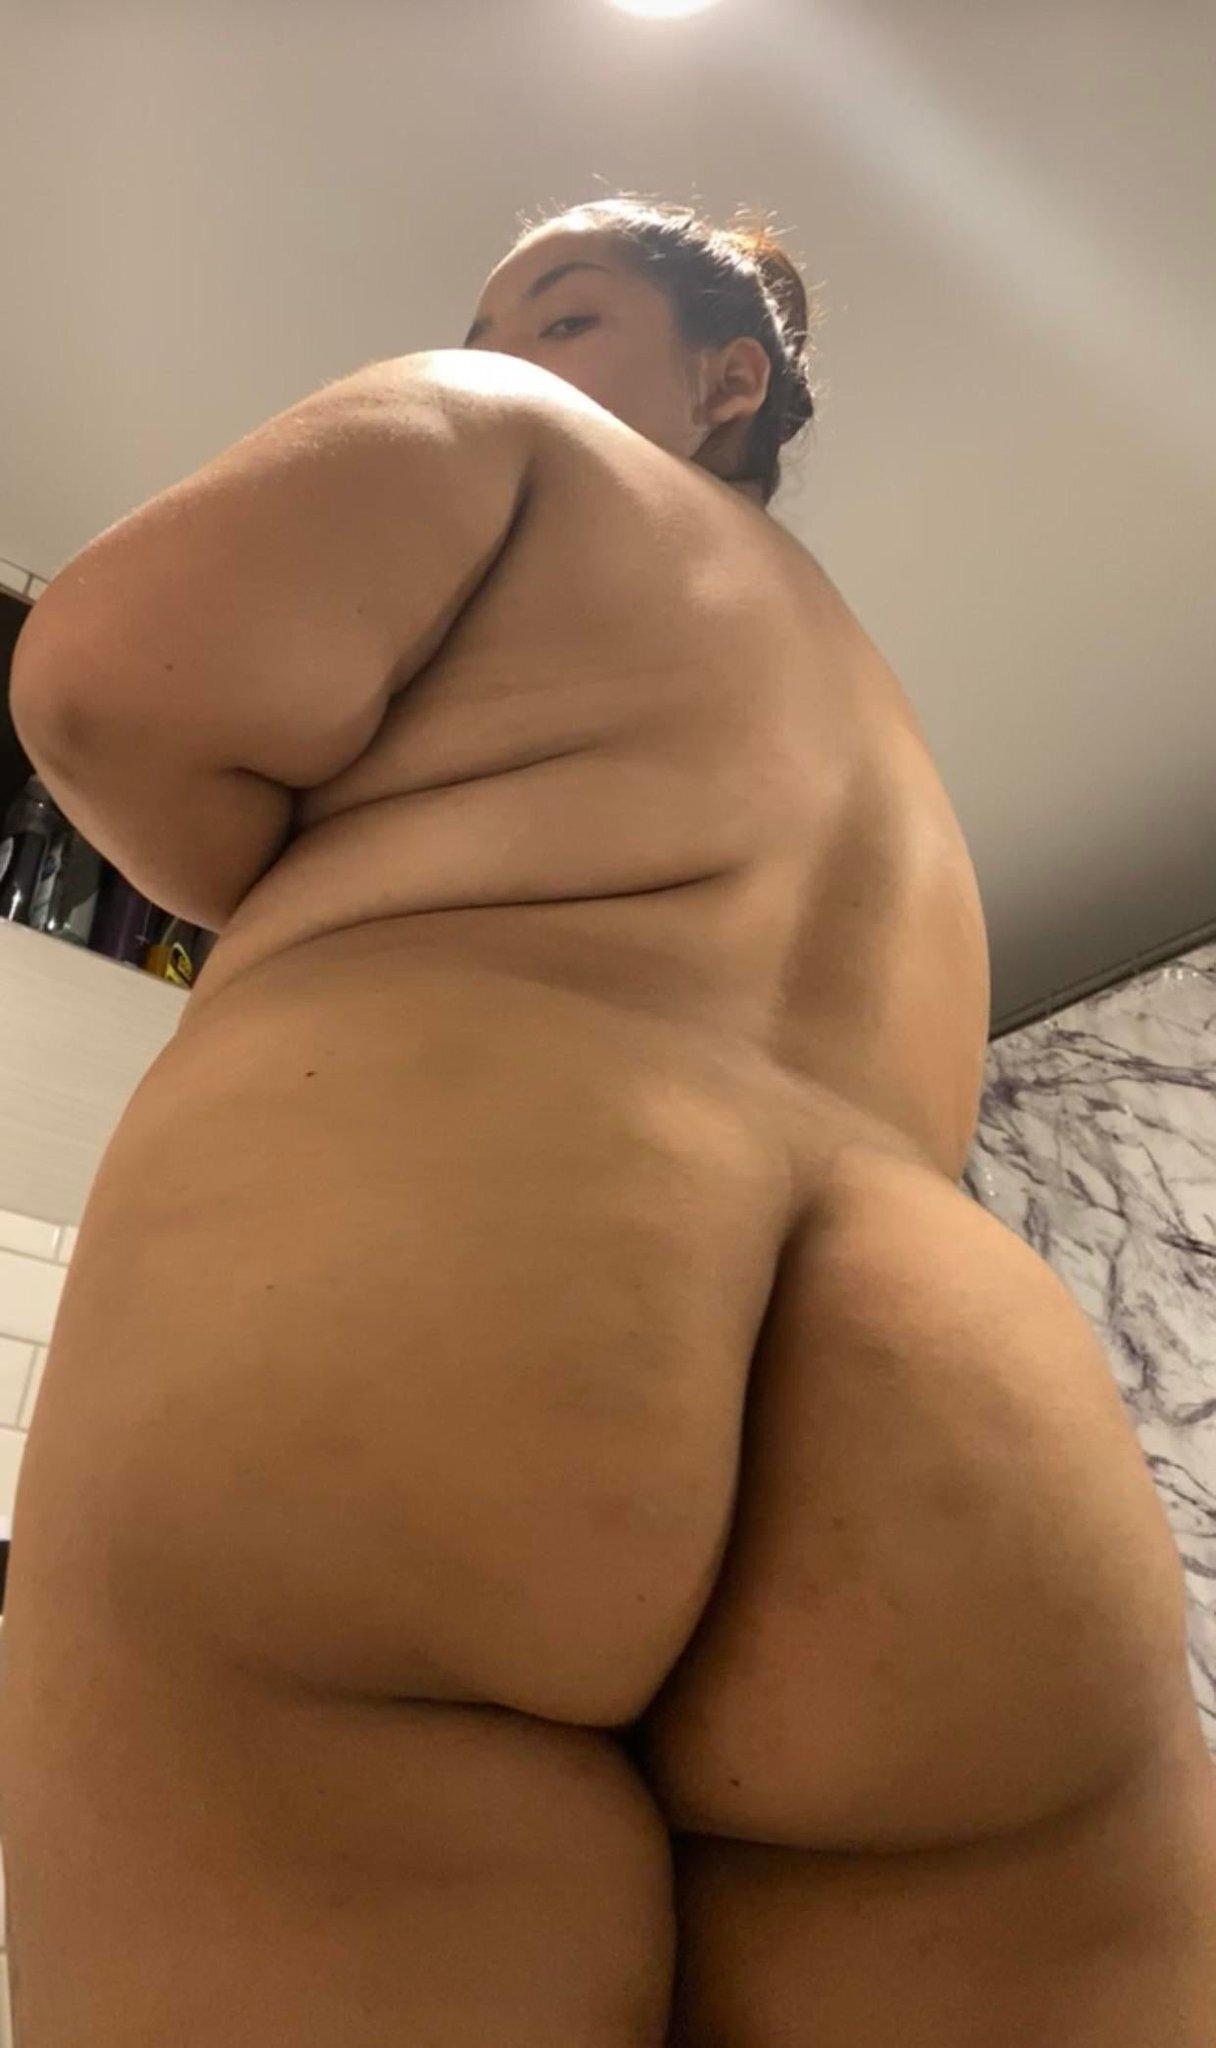 fotos chicas gordas, culos grandes, culonas